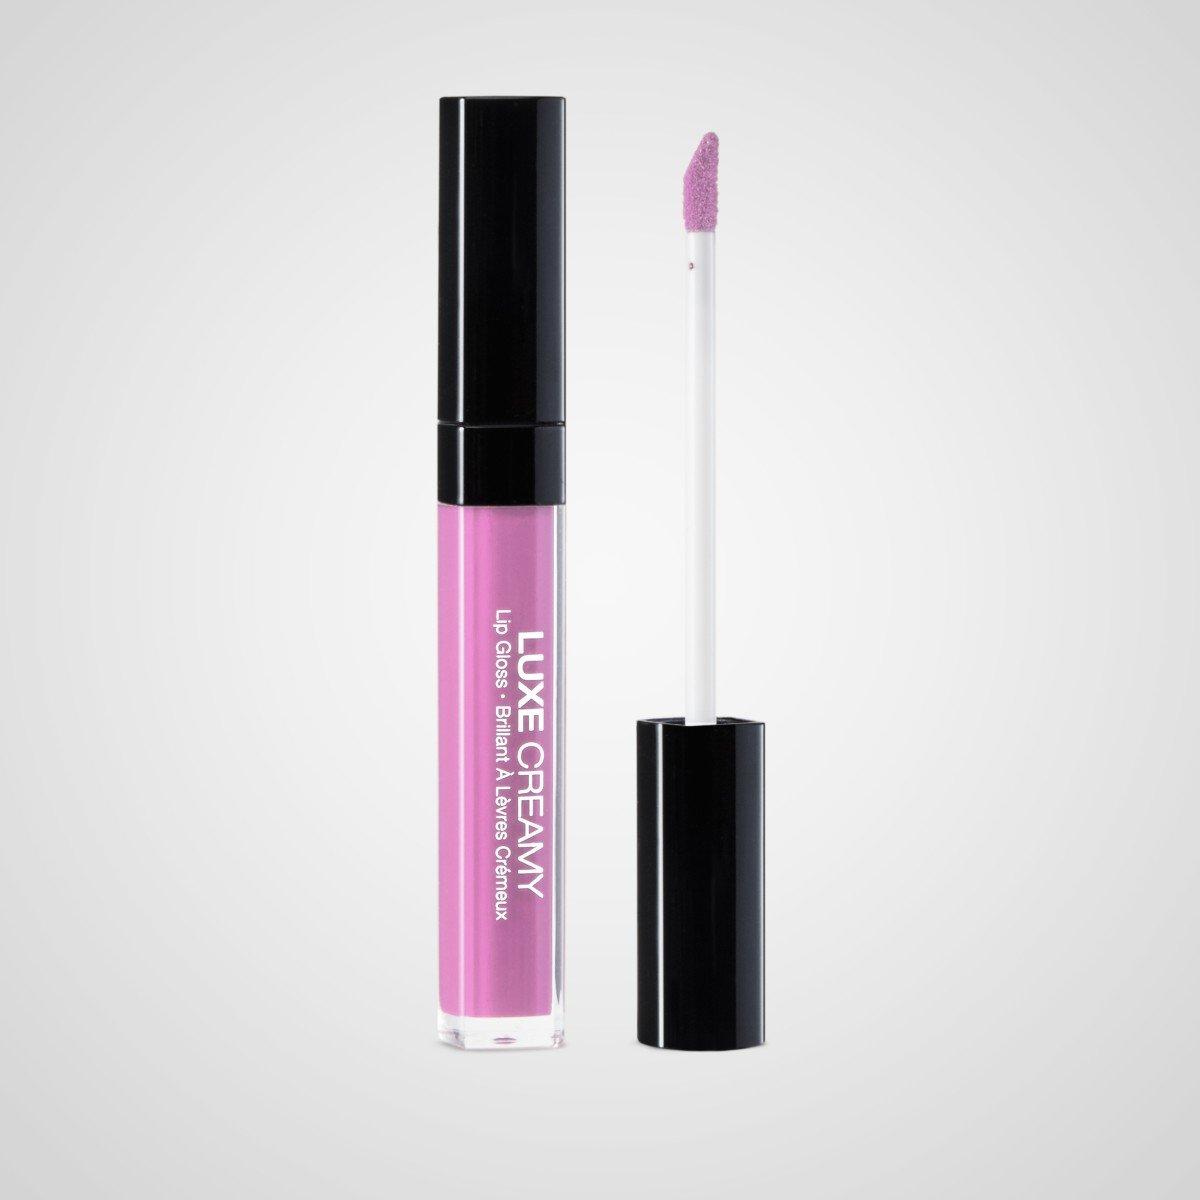 Kiss NY Pro - Kiss Ny Pro Luxe Creamy Lip Gloss - Blushing Lavender